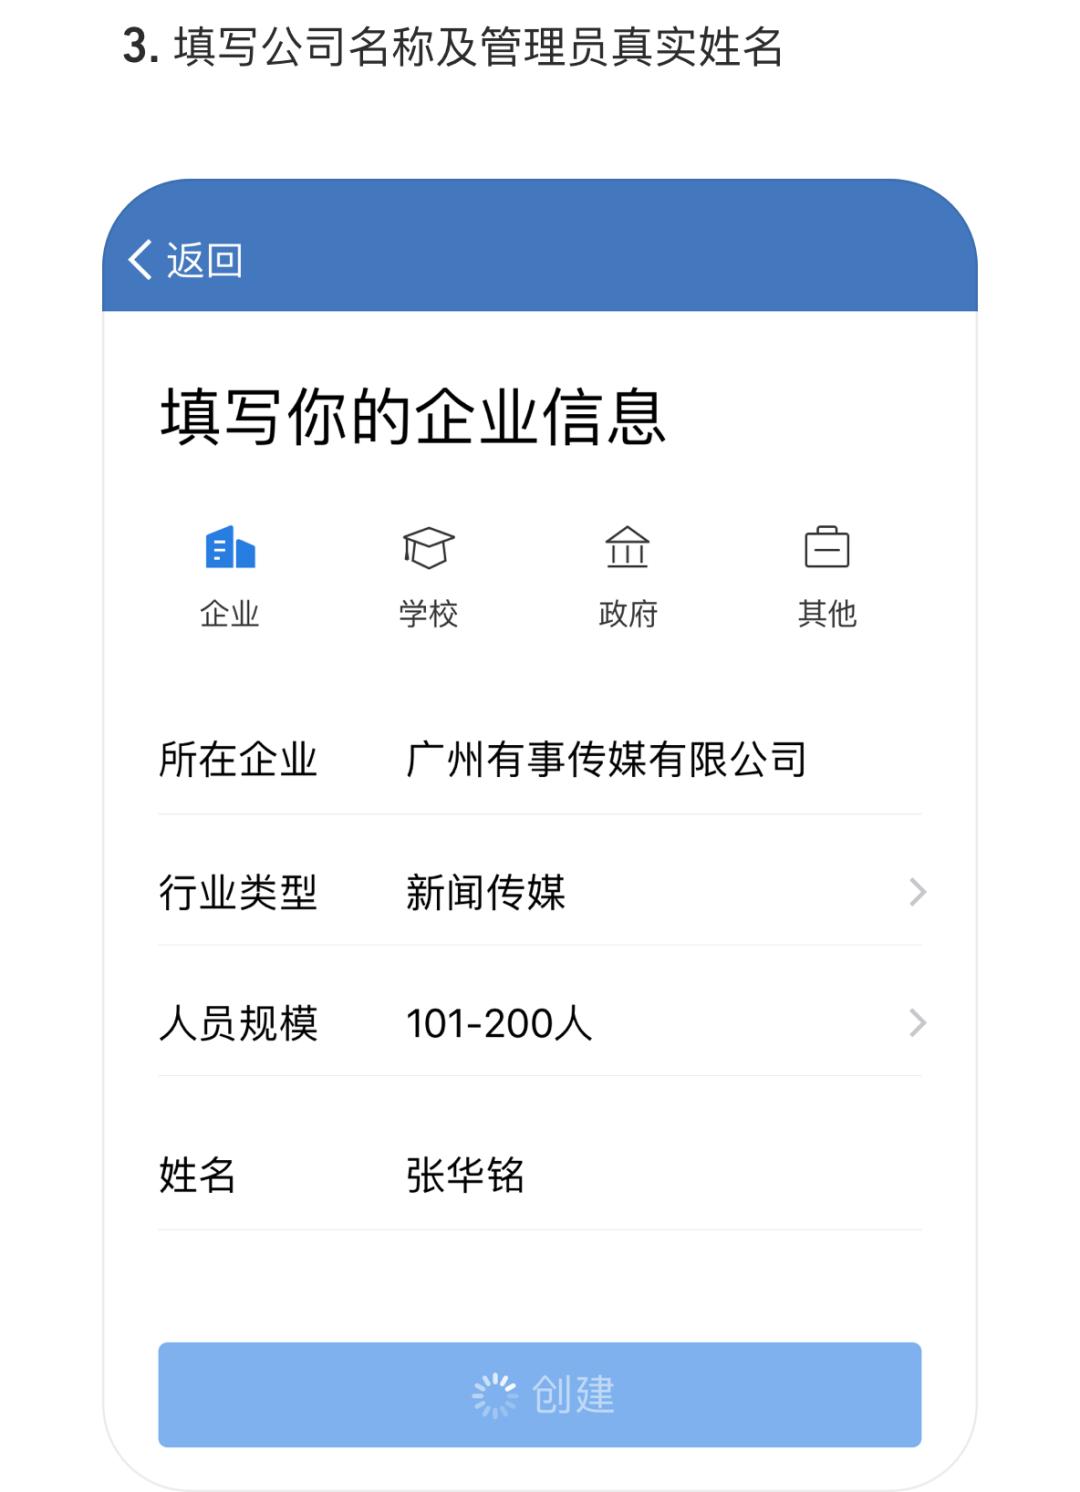 枣庄滕州无忧小程序工作室,主营枣庄及滕州小程序,微信小程序开发,多合一小程序制作,百度抖音支付宝头条QQ